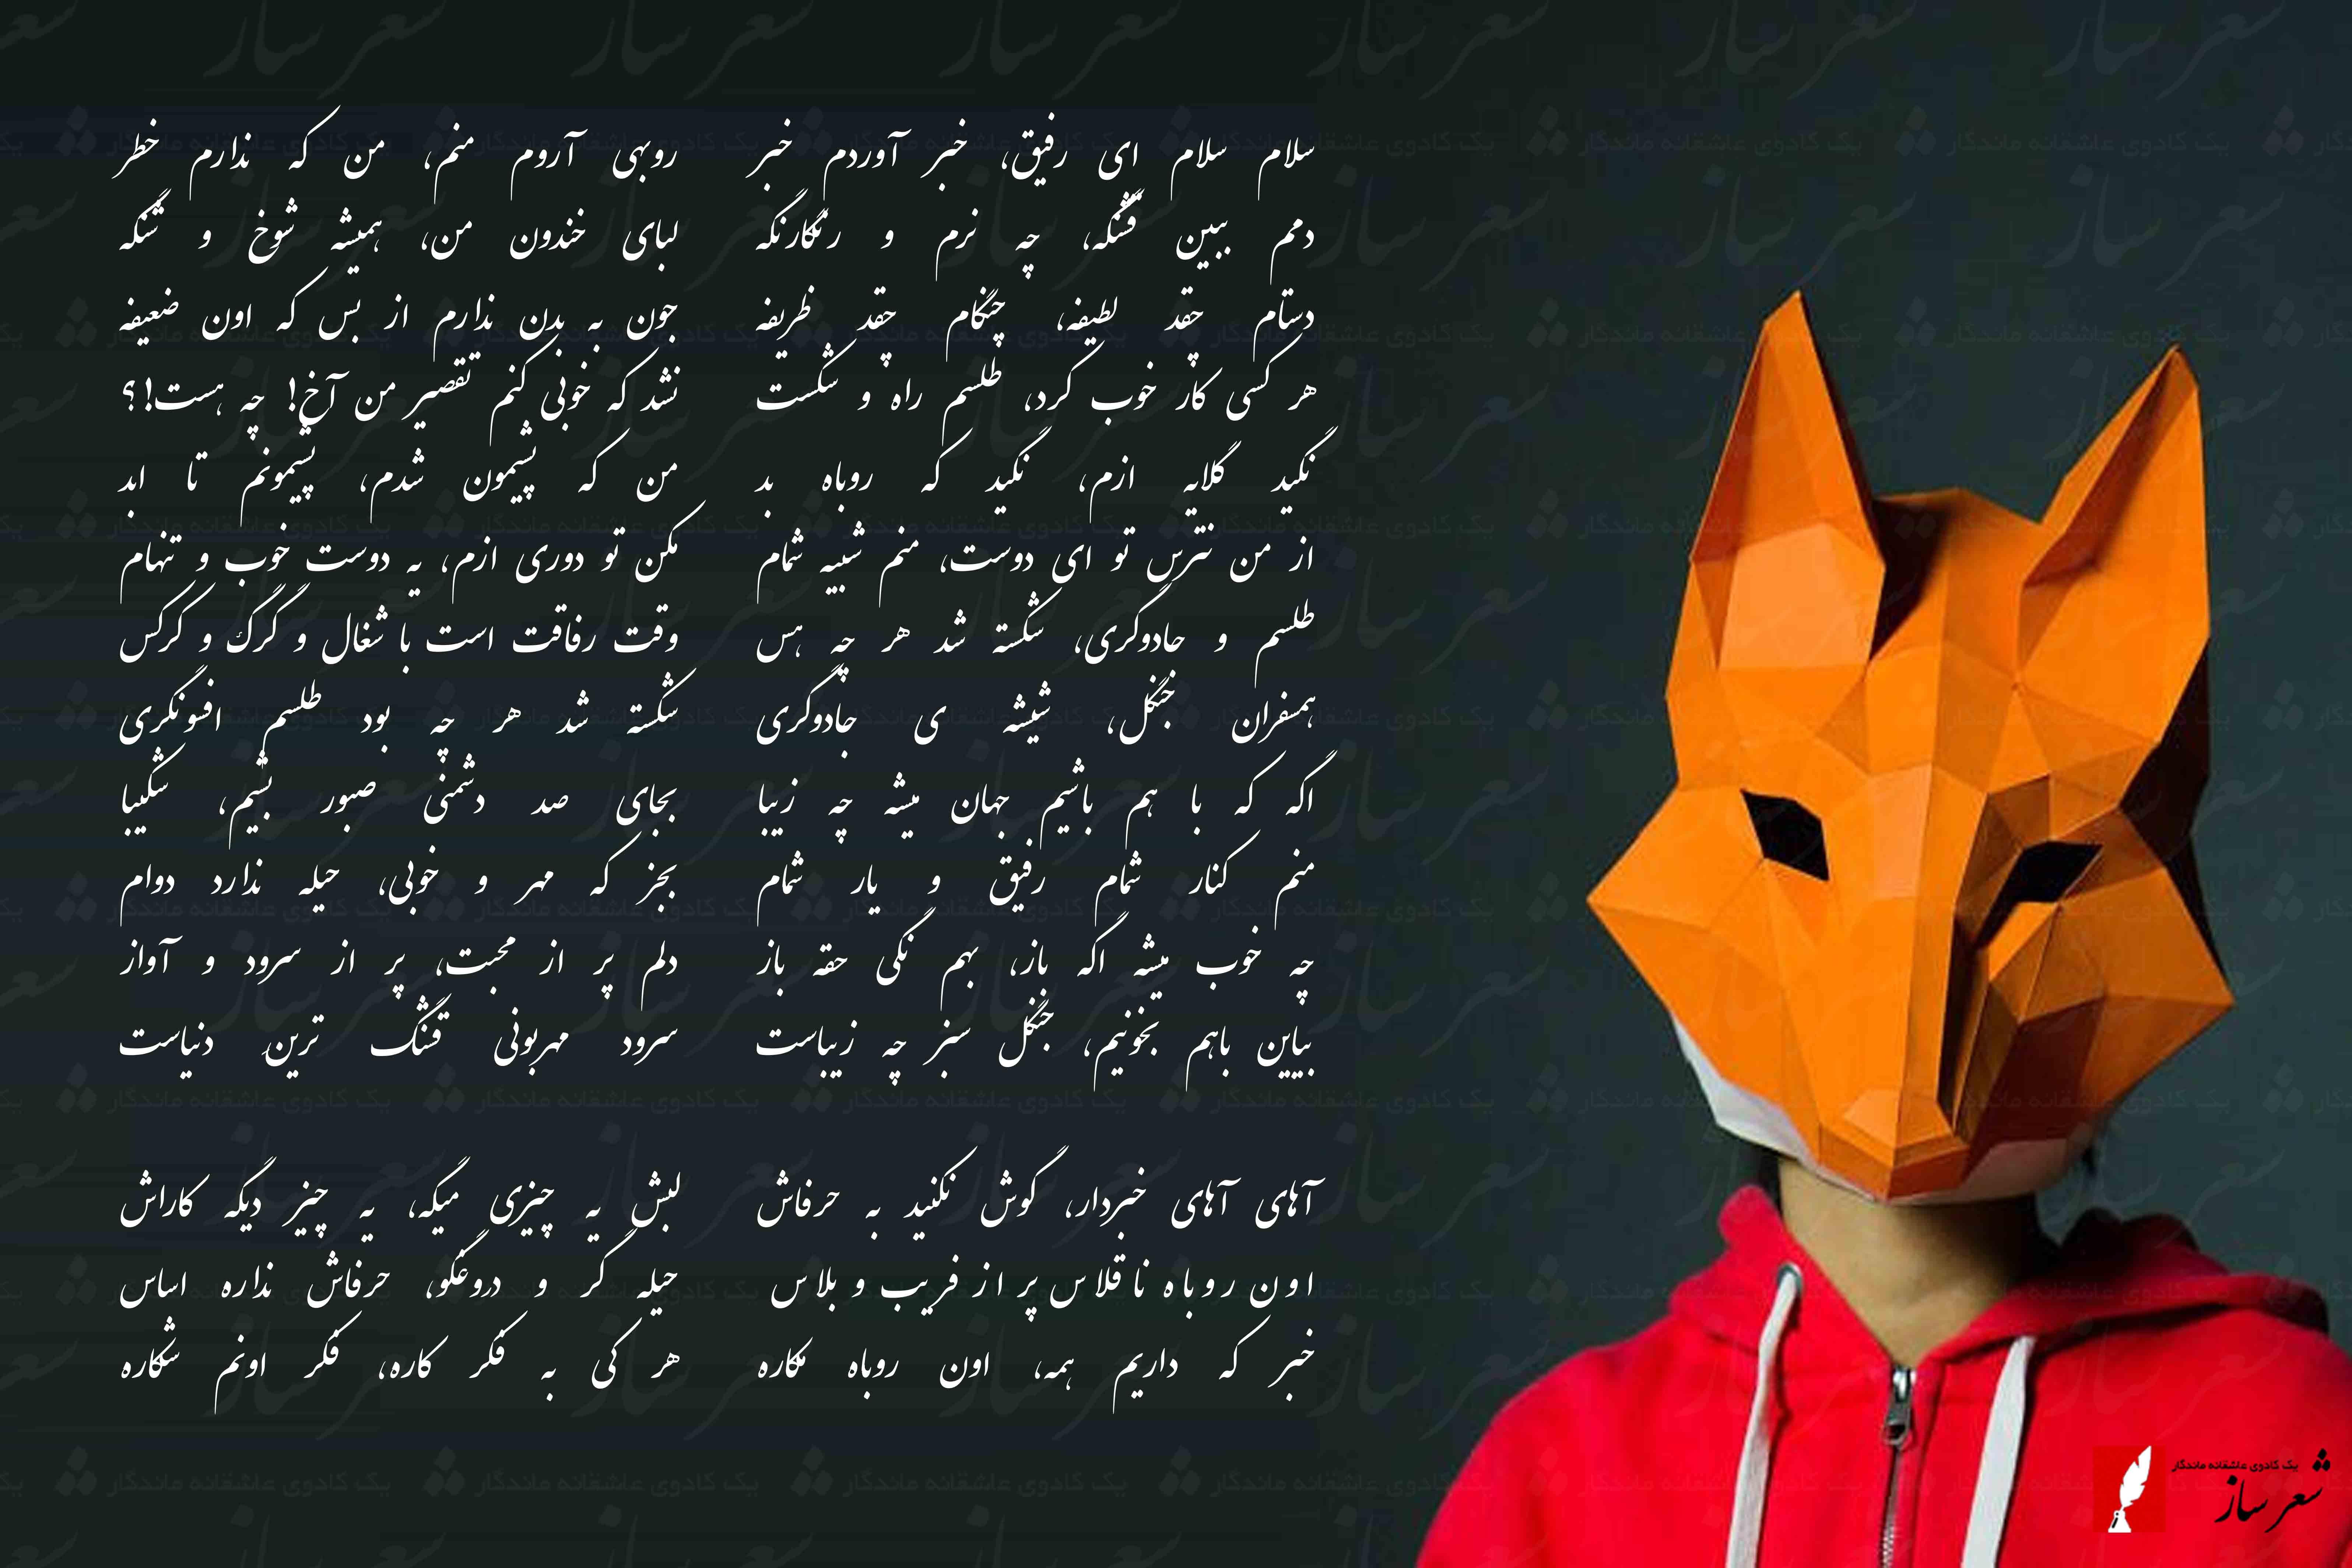 شعر کودک روباره حقه باز